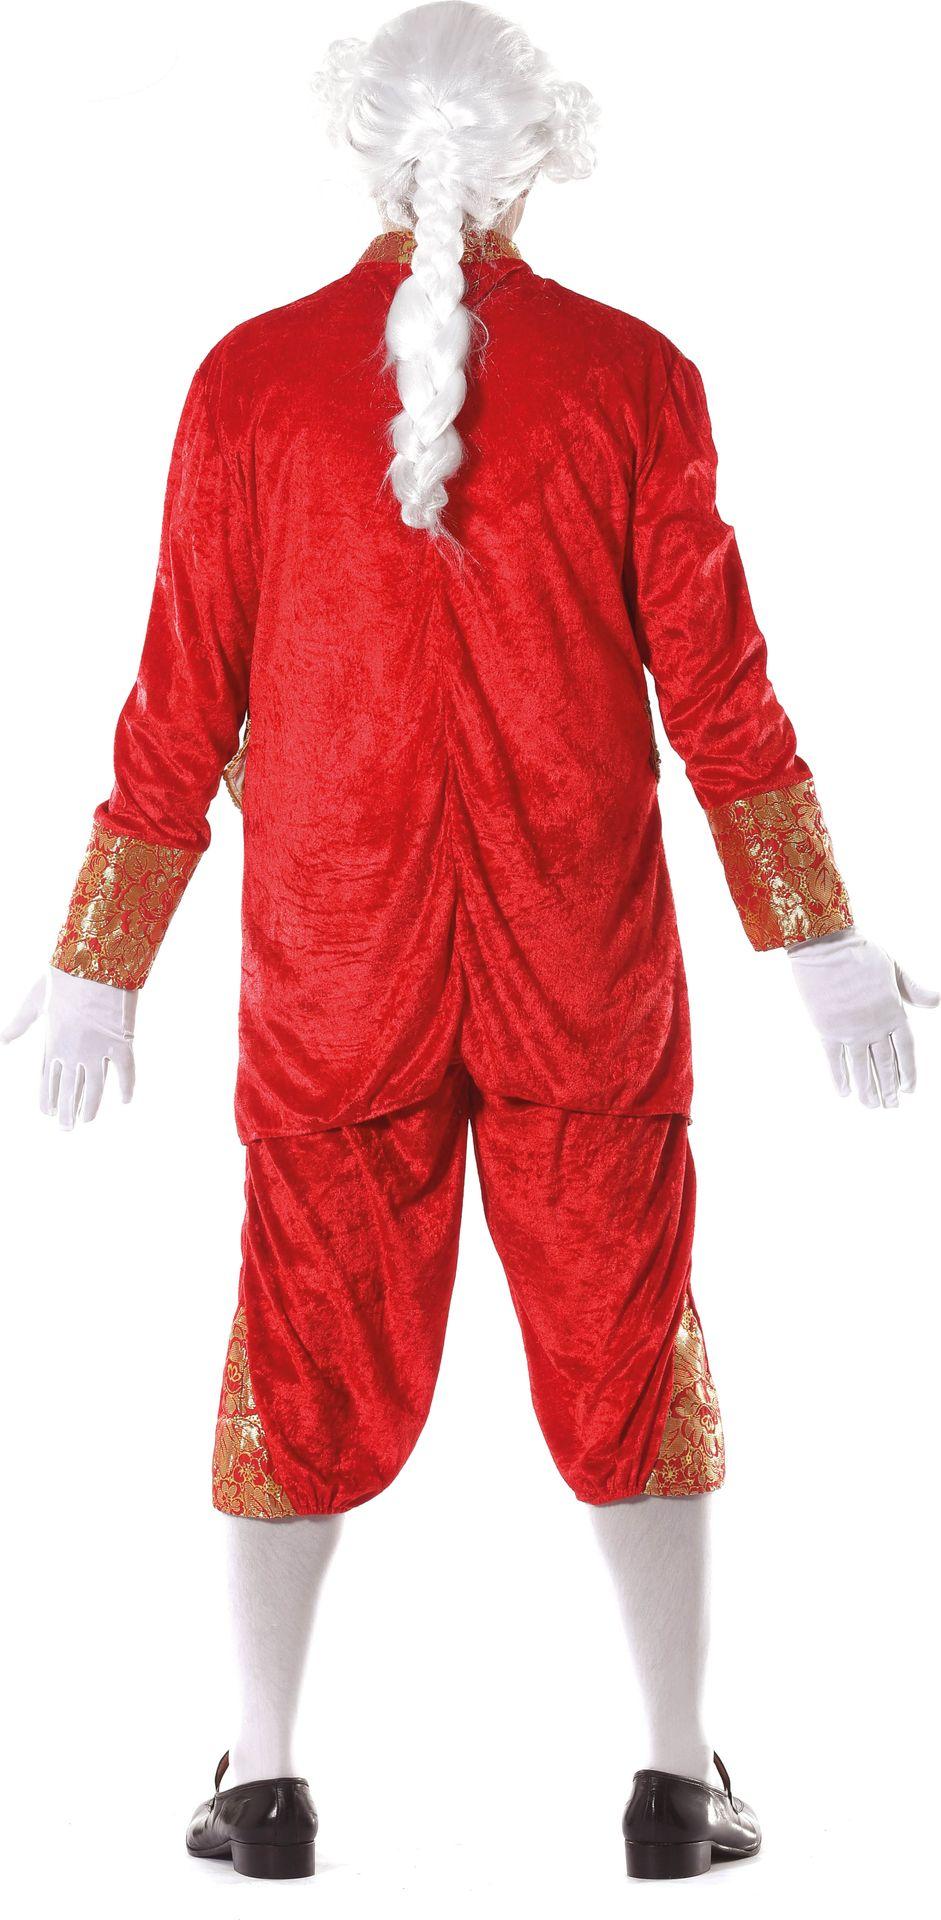 Rood markies kostuum